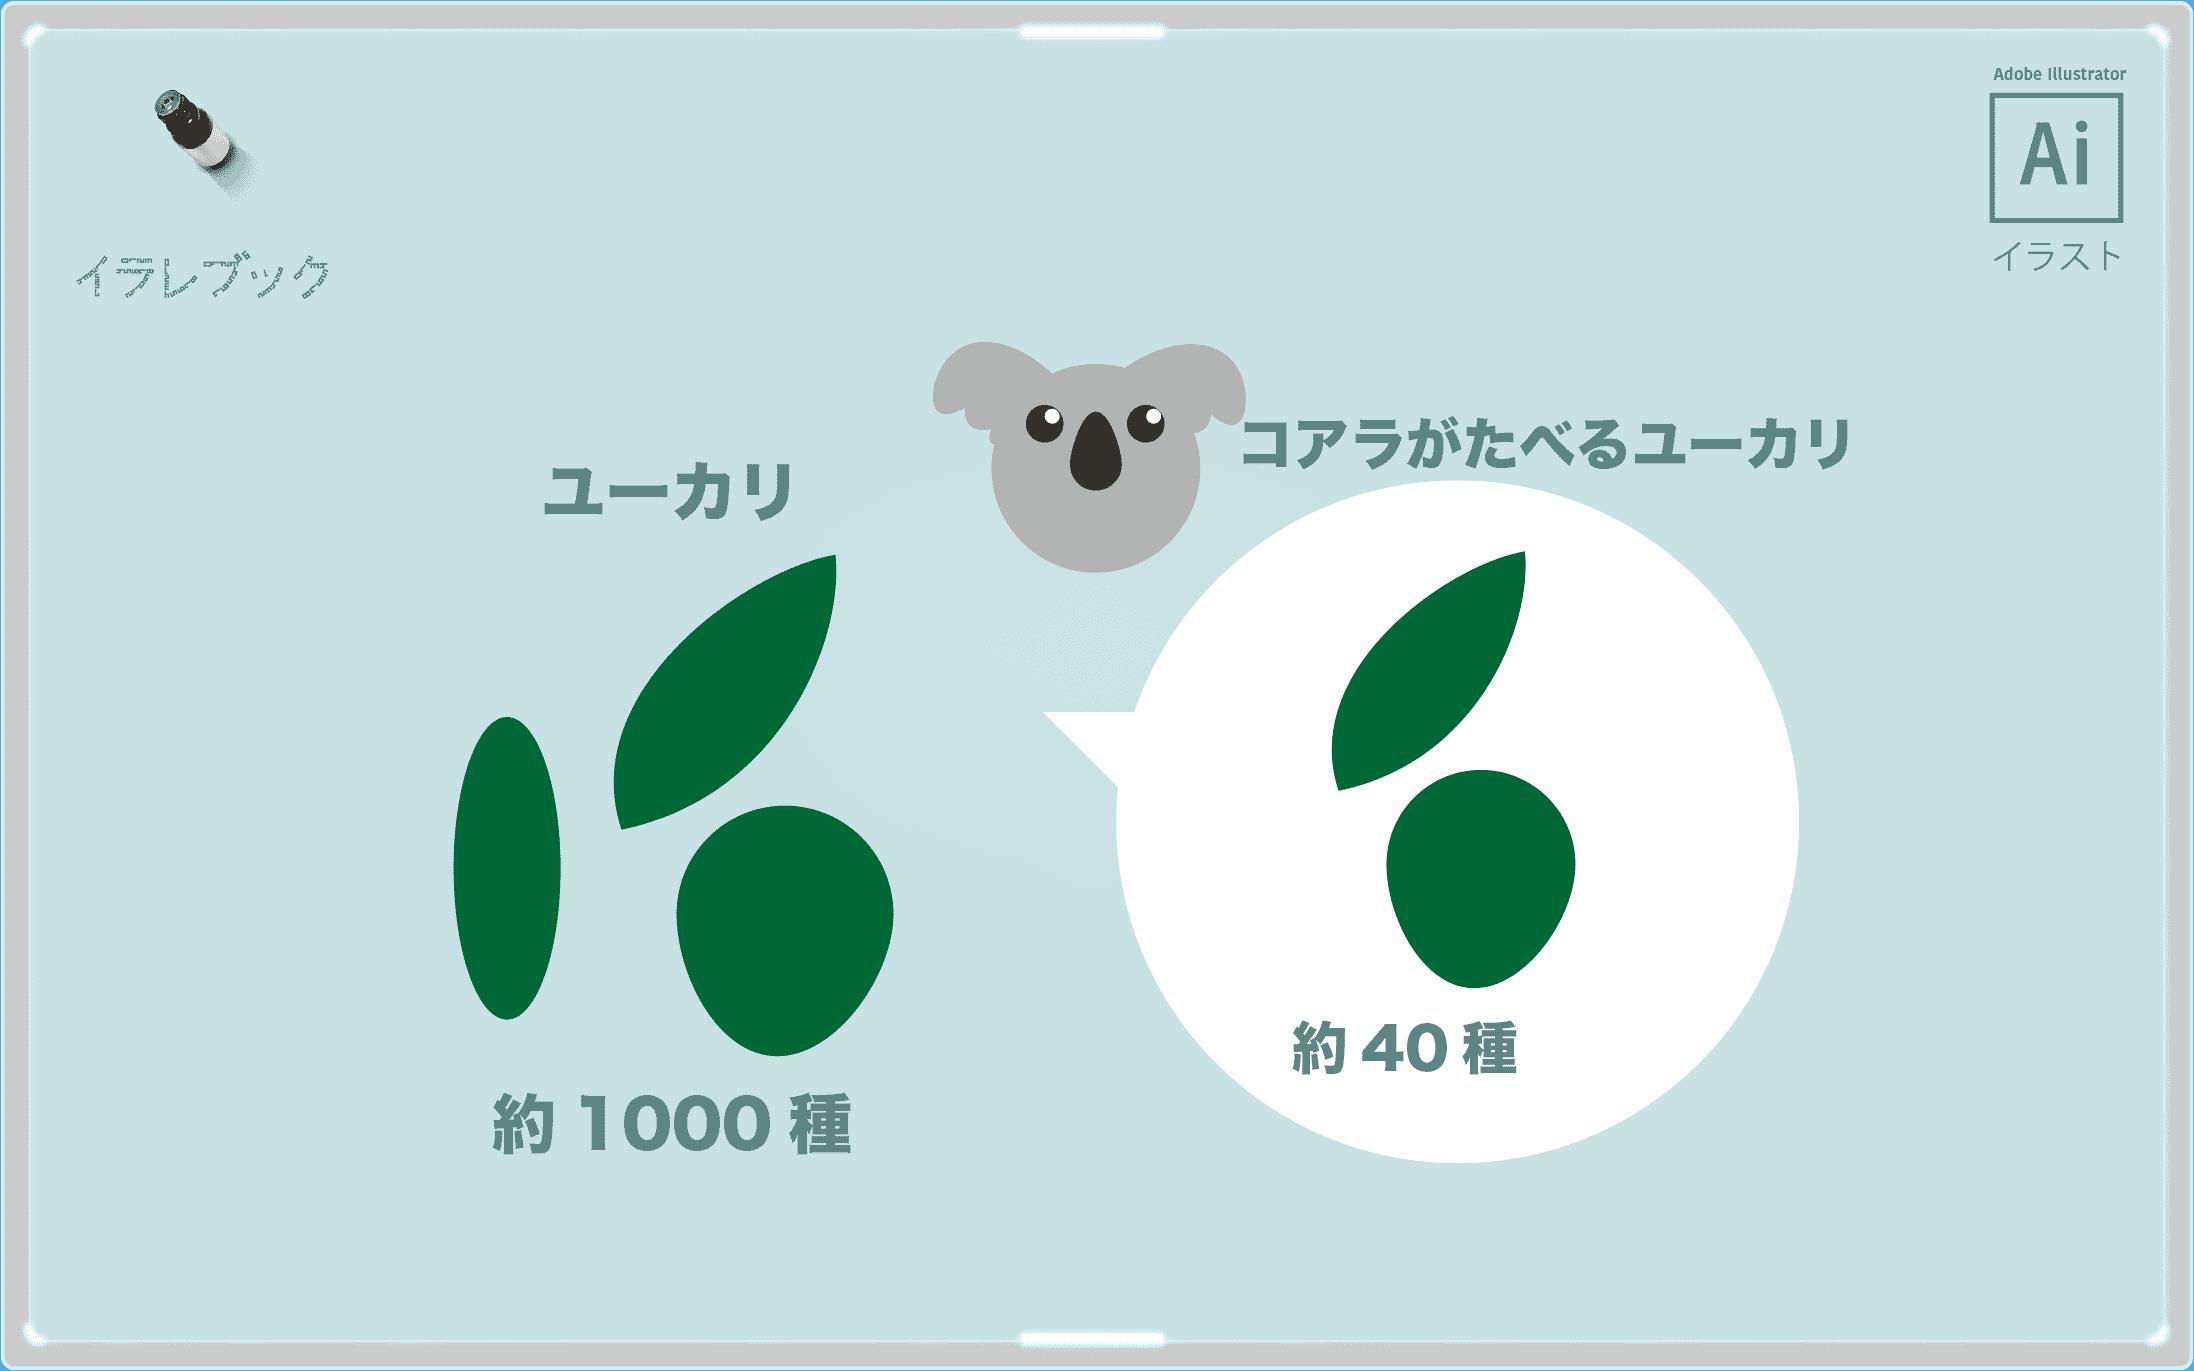 アロマオイル ラベンダー 檜 ユーカリがおすすめ 使い方と効能一覧 Aromaoil